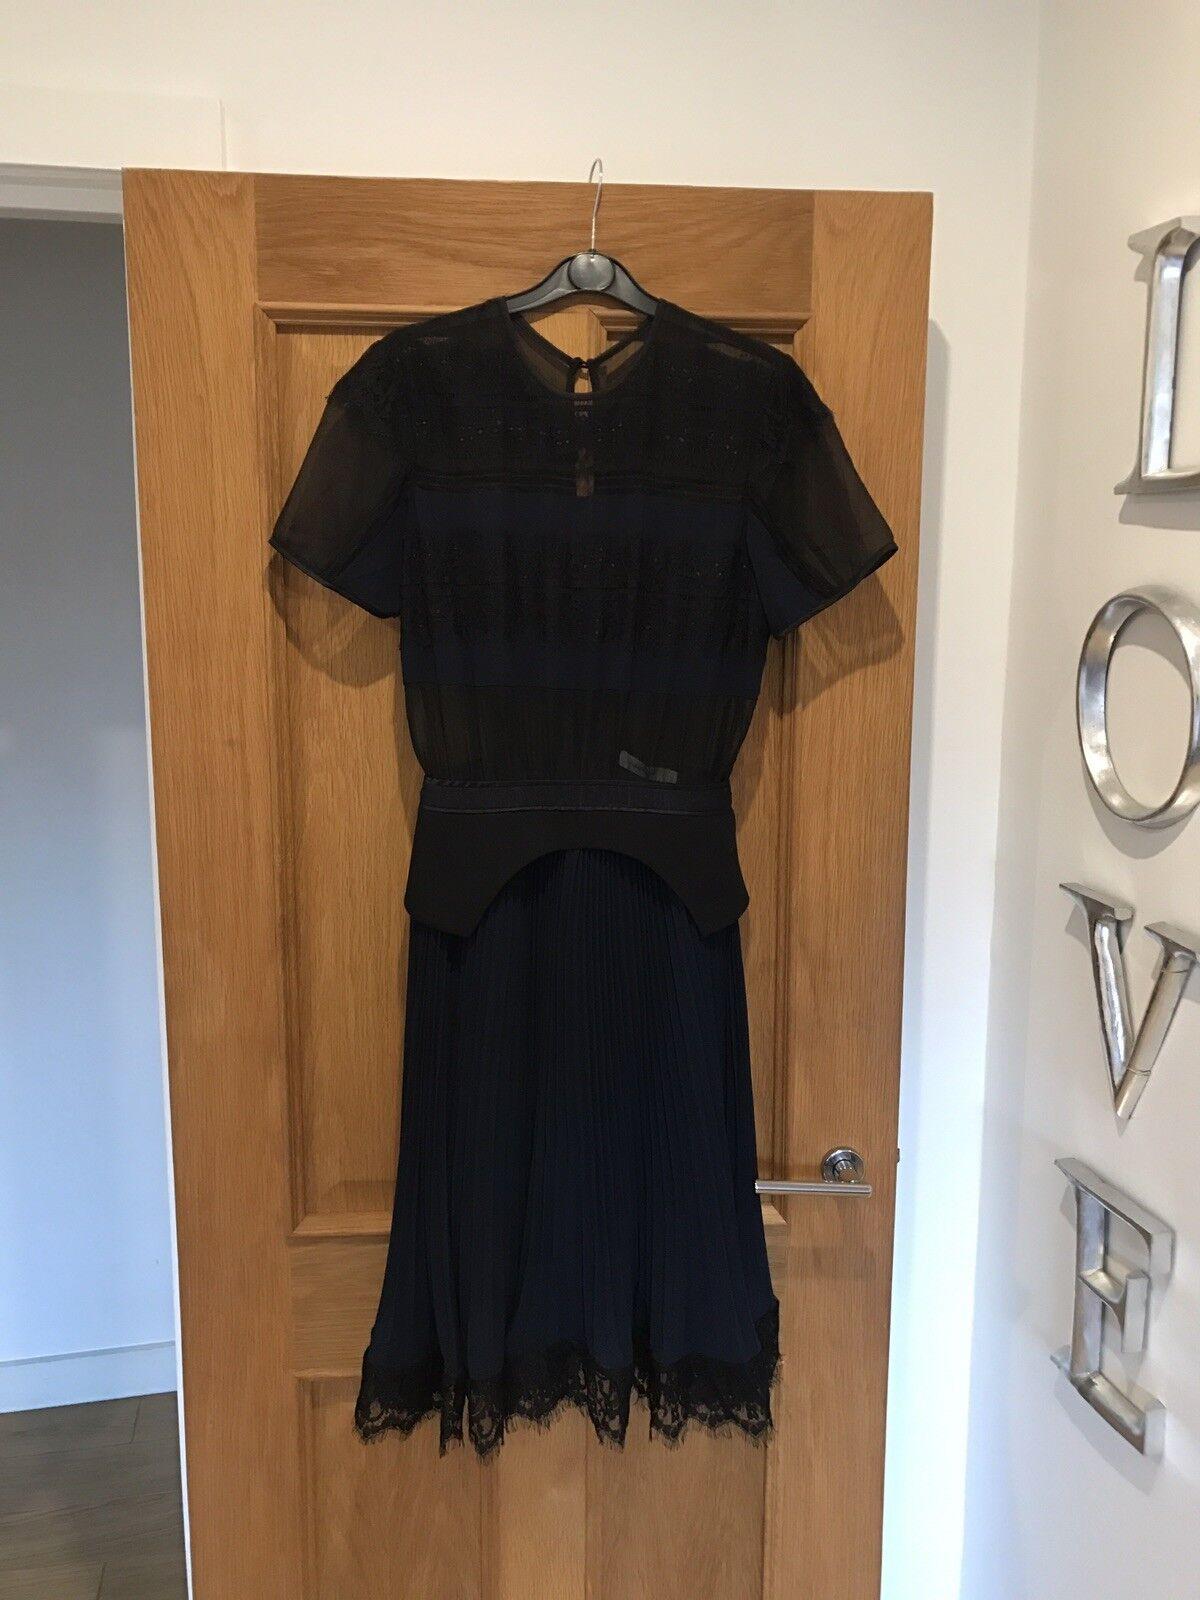 BNWT Amazing Three Floor Fashion Navy Blau & schwarz Pleated Lace Dress